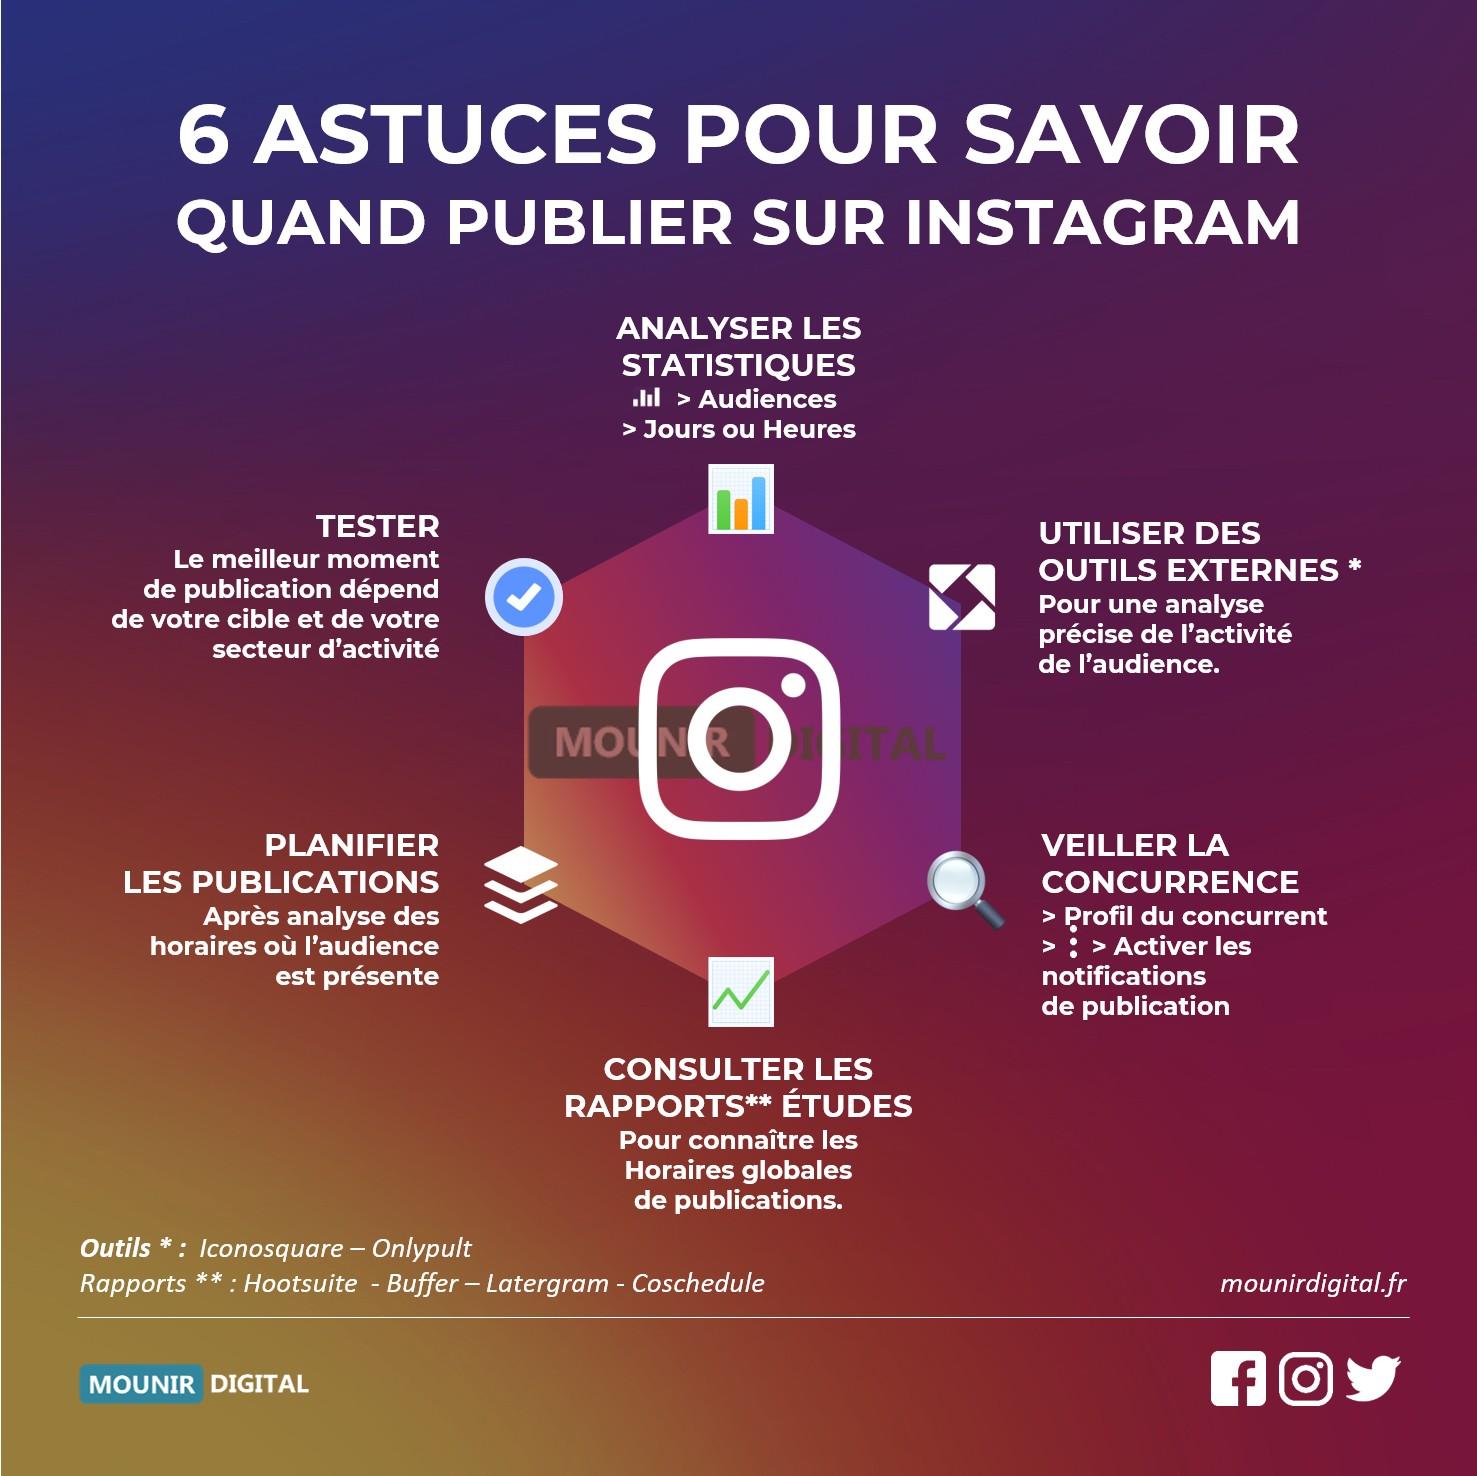 6 astuces pour savoir quand publier sur instagram - Infographie Mounir Digital